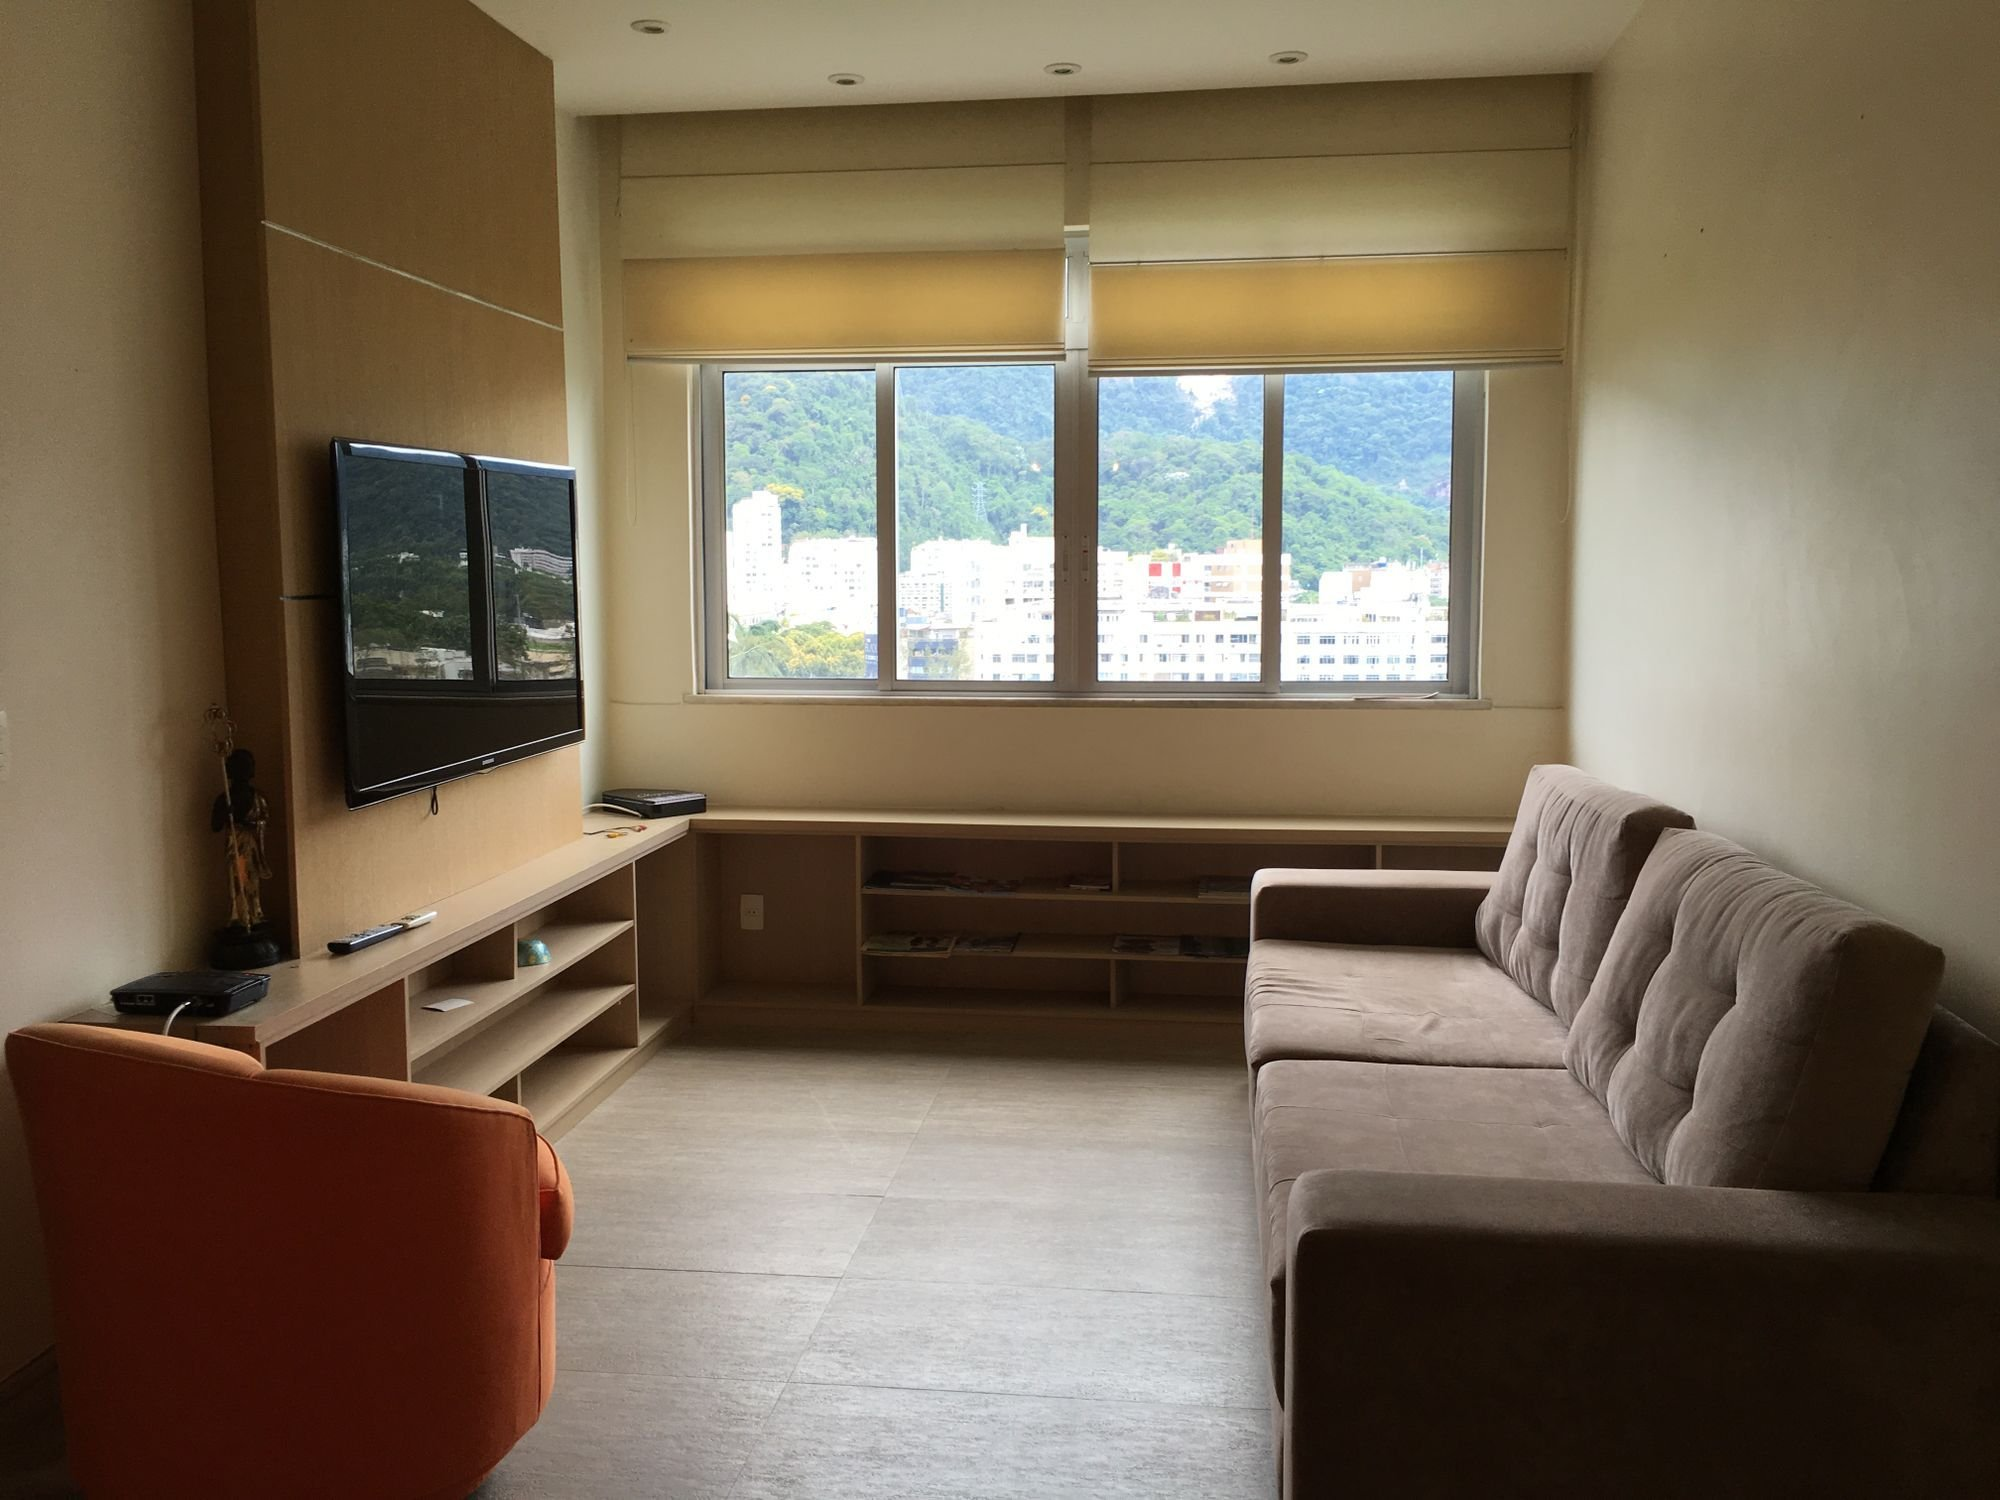 Foto de Sala com sofá, cadeira